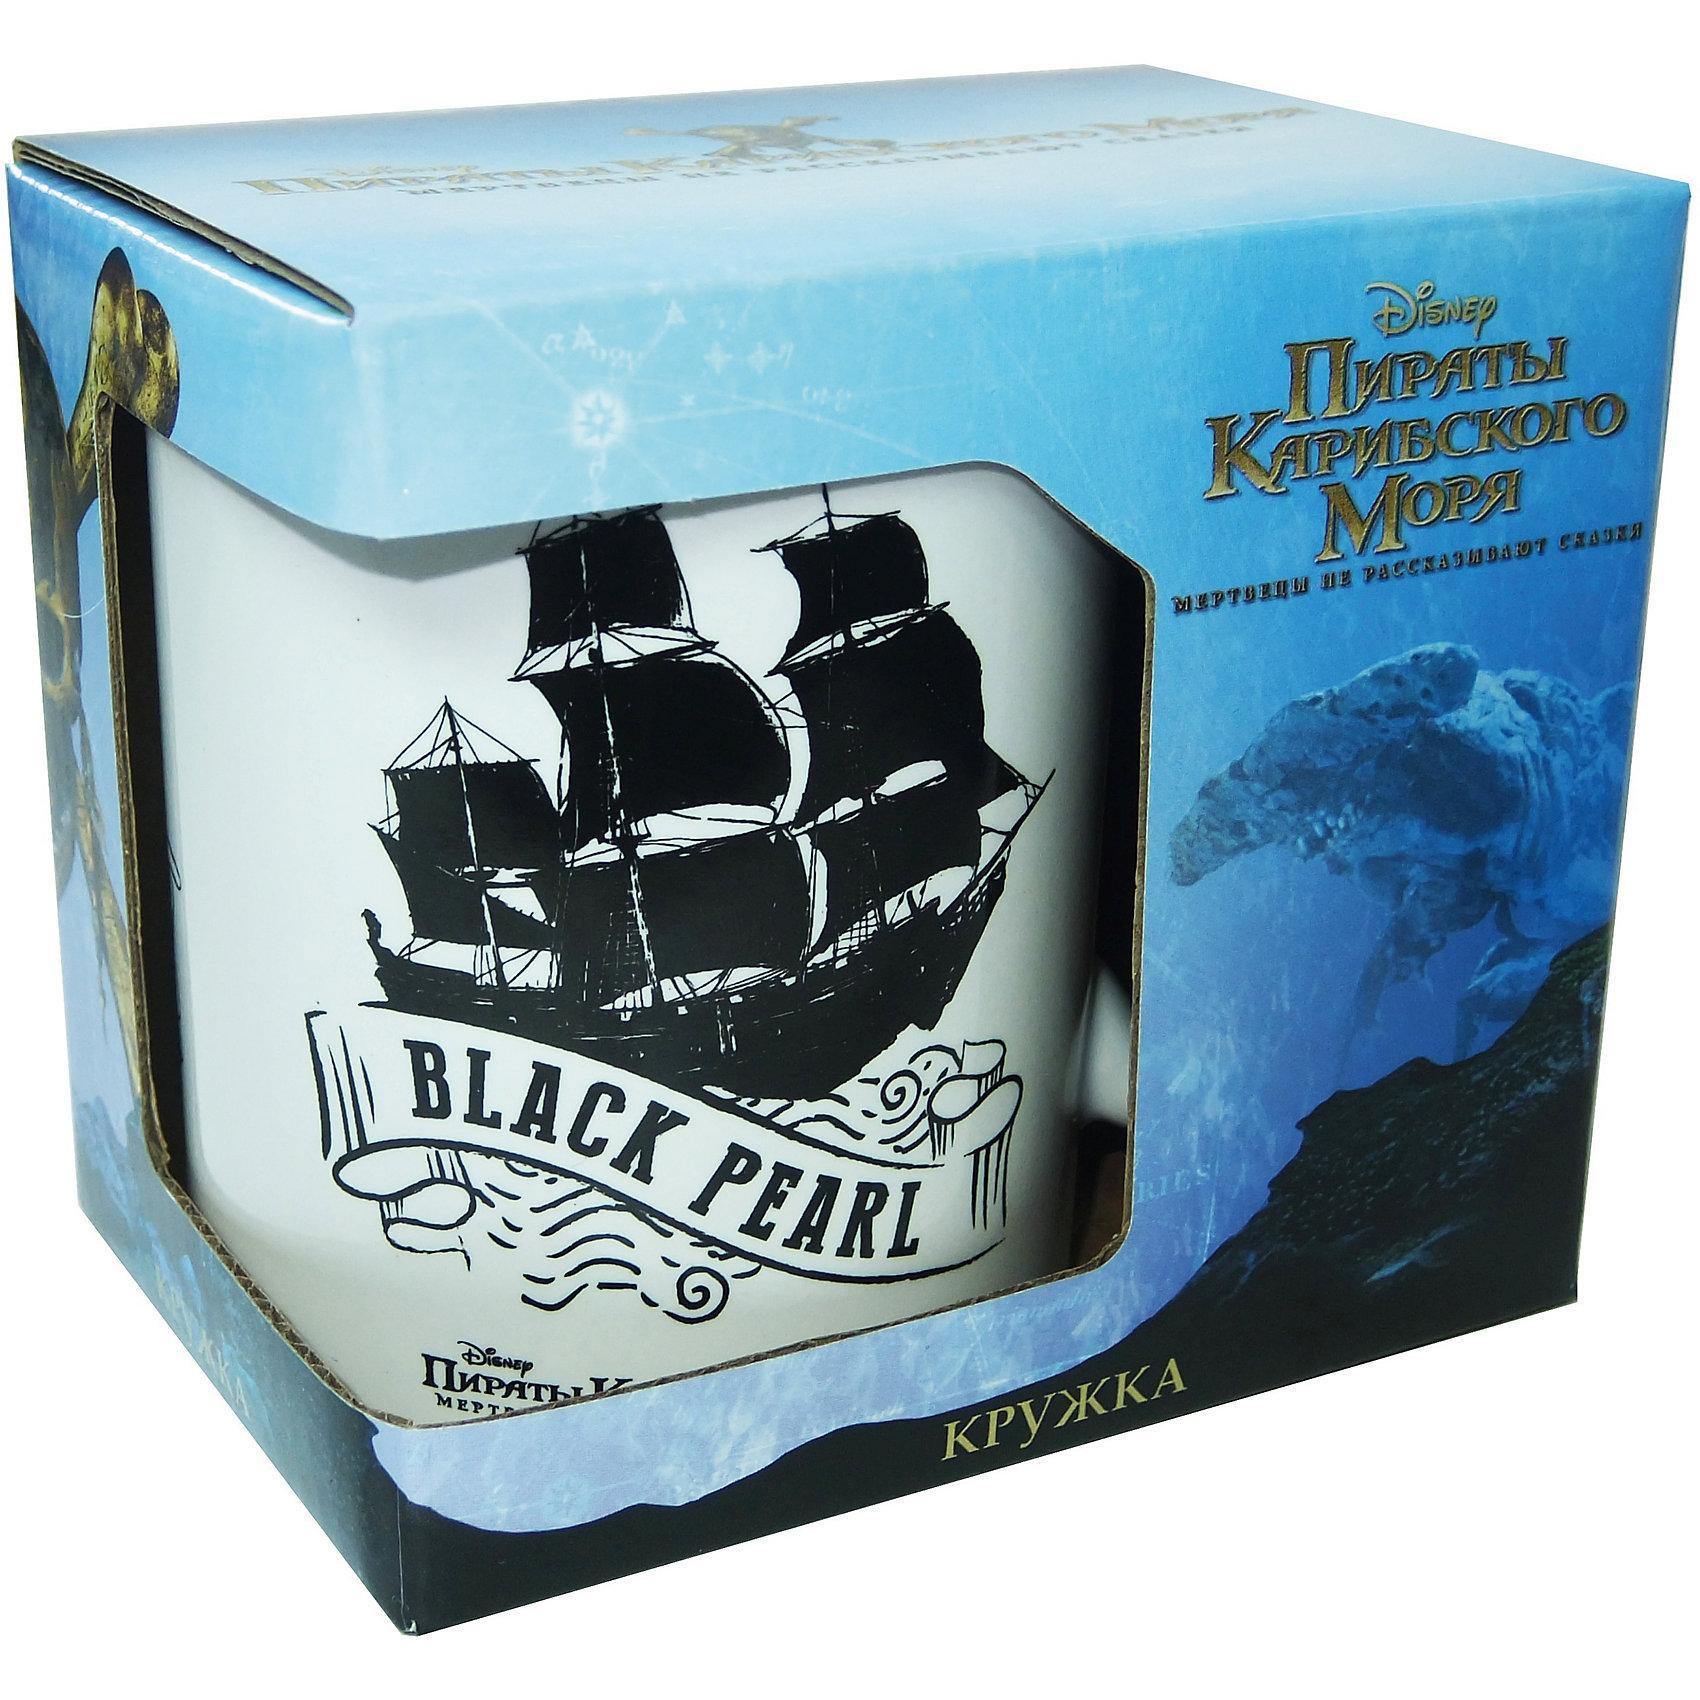 Кружка Пираты Карибского Моря. Черная Жемчужина в подарочной упаковке, 500 мл., DisneyПосуда<br>Характеристики:<br><br>• Материал: керамика<br>• Можно использовать для горячих и холодных напитков<br>• Объем: 500 мл<br>• Вес: 530 г<br>• Упаковка: подарочная картонная коробка<br>• Размеры (Д*Ш*В): 12*8,2*9,5 см<br>• Особенности ухода: можно мыть в посудомоечной машине<br><br>Кружка Пираты Карибского моря. Черная Жемчужина, 500 мл., Disney выполнена в стильном дизайне: на белый корпус нанесено изображение корабля Черная Жемчужина. Изображение устойчиво к появлению царапин, не выцветает при частом мытье. <br><br>Кружку Кружка Пираты Карибского моря. Черная Жемчужина, 500 мл., Disney можно купить в нашем интернет-магазине.<br><br>Ширина мм: 120<br>Глубина мм: 82<br>Высота мм: 95<br>Вес г: 530<br>Возраст от месяцев: 36<br>Возраст до месяцев: 1188<br>Пол: Унисекс<br>Возраст: Детский<br>SKU: 6849954